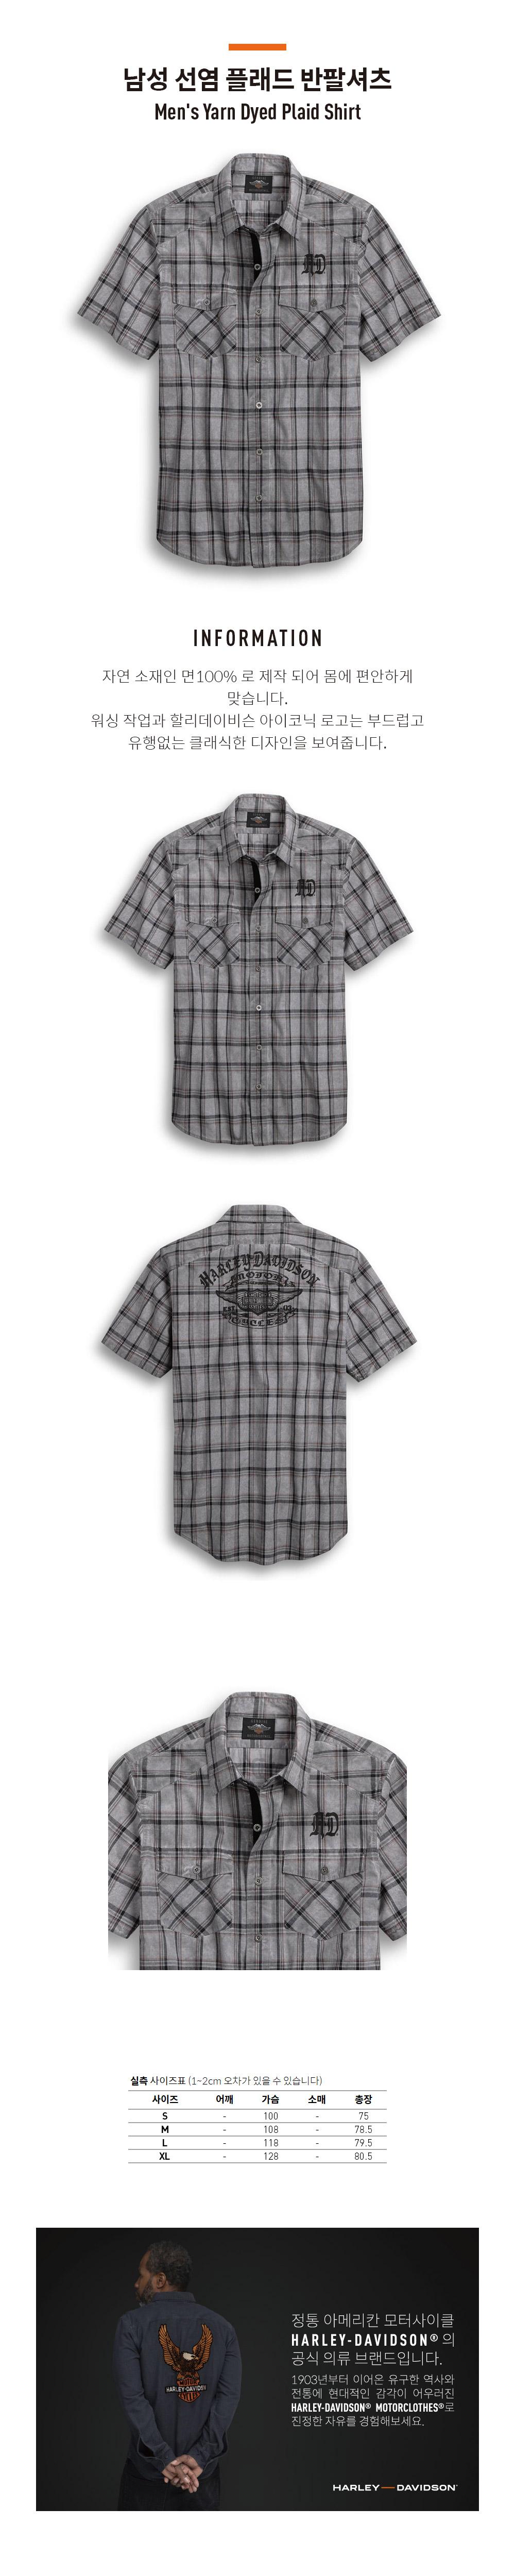 남성 선염 플래드 반팔셔츠